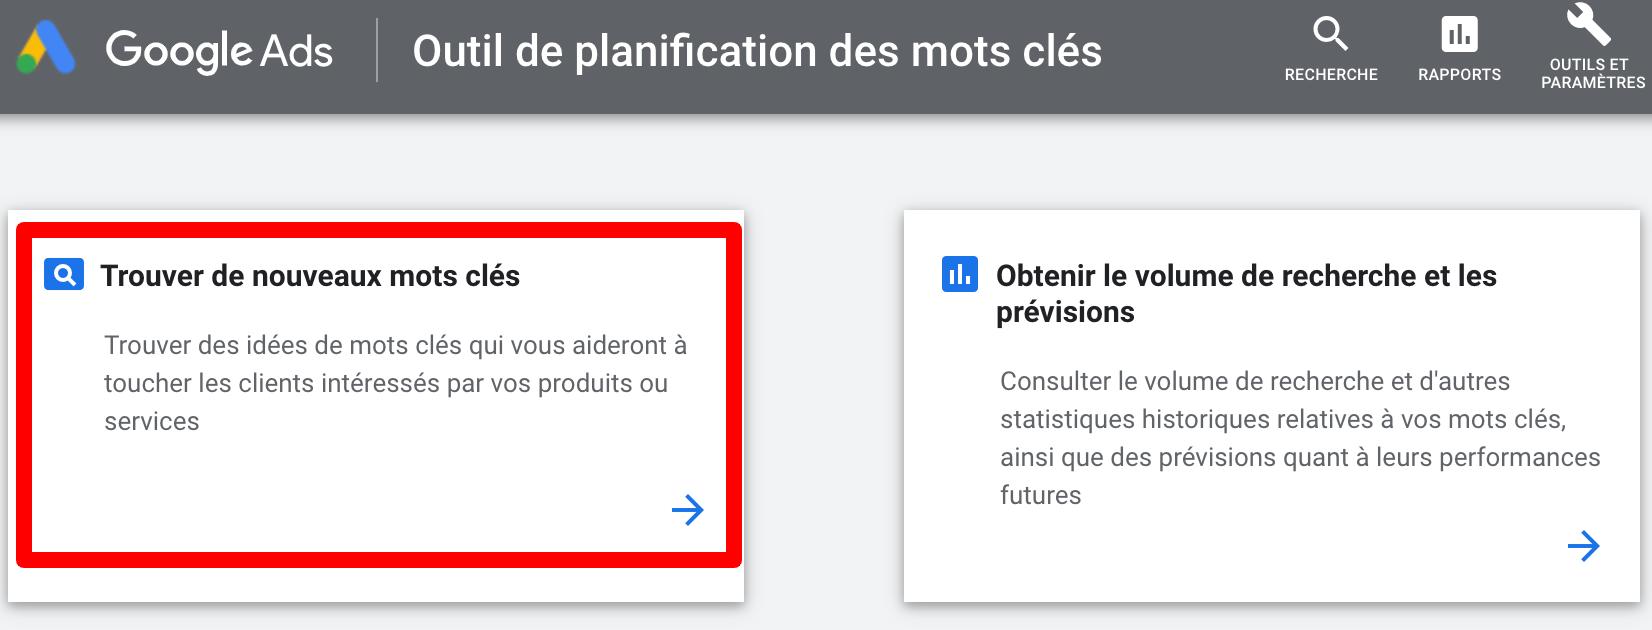 google-keyword-planner-trouver-nouveaux-mots-cles